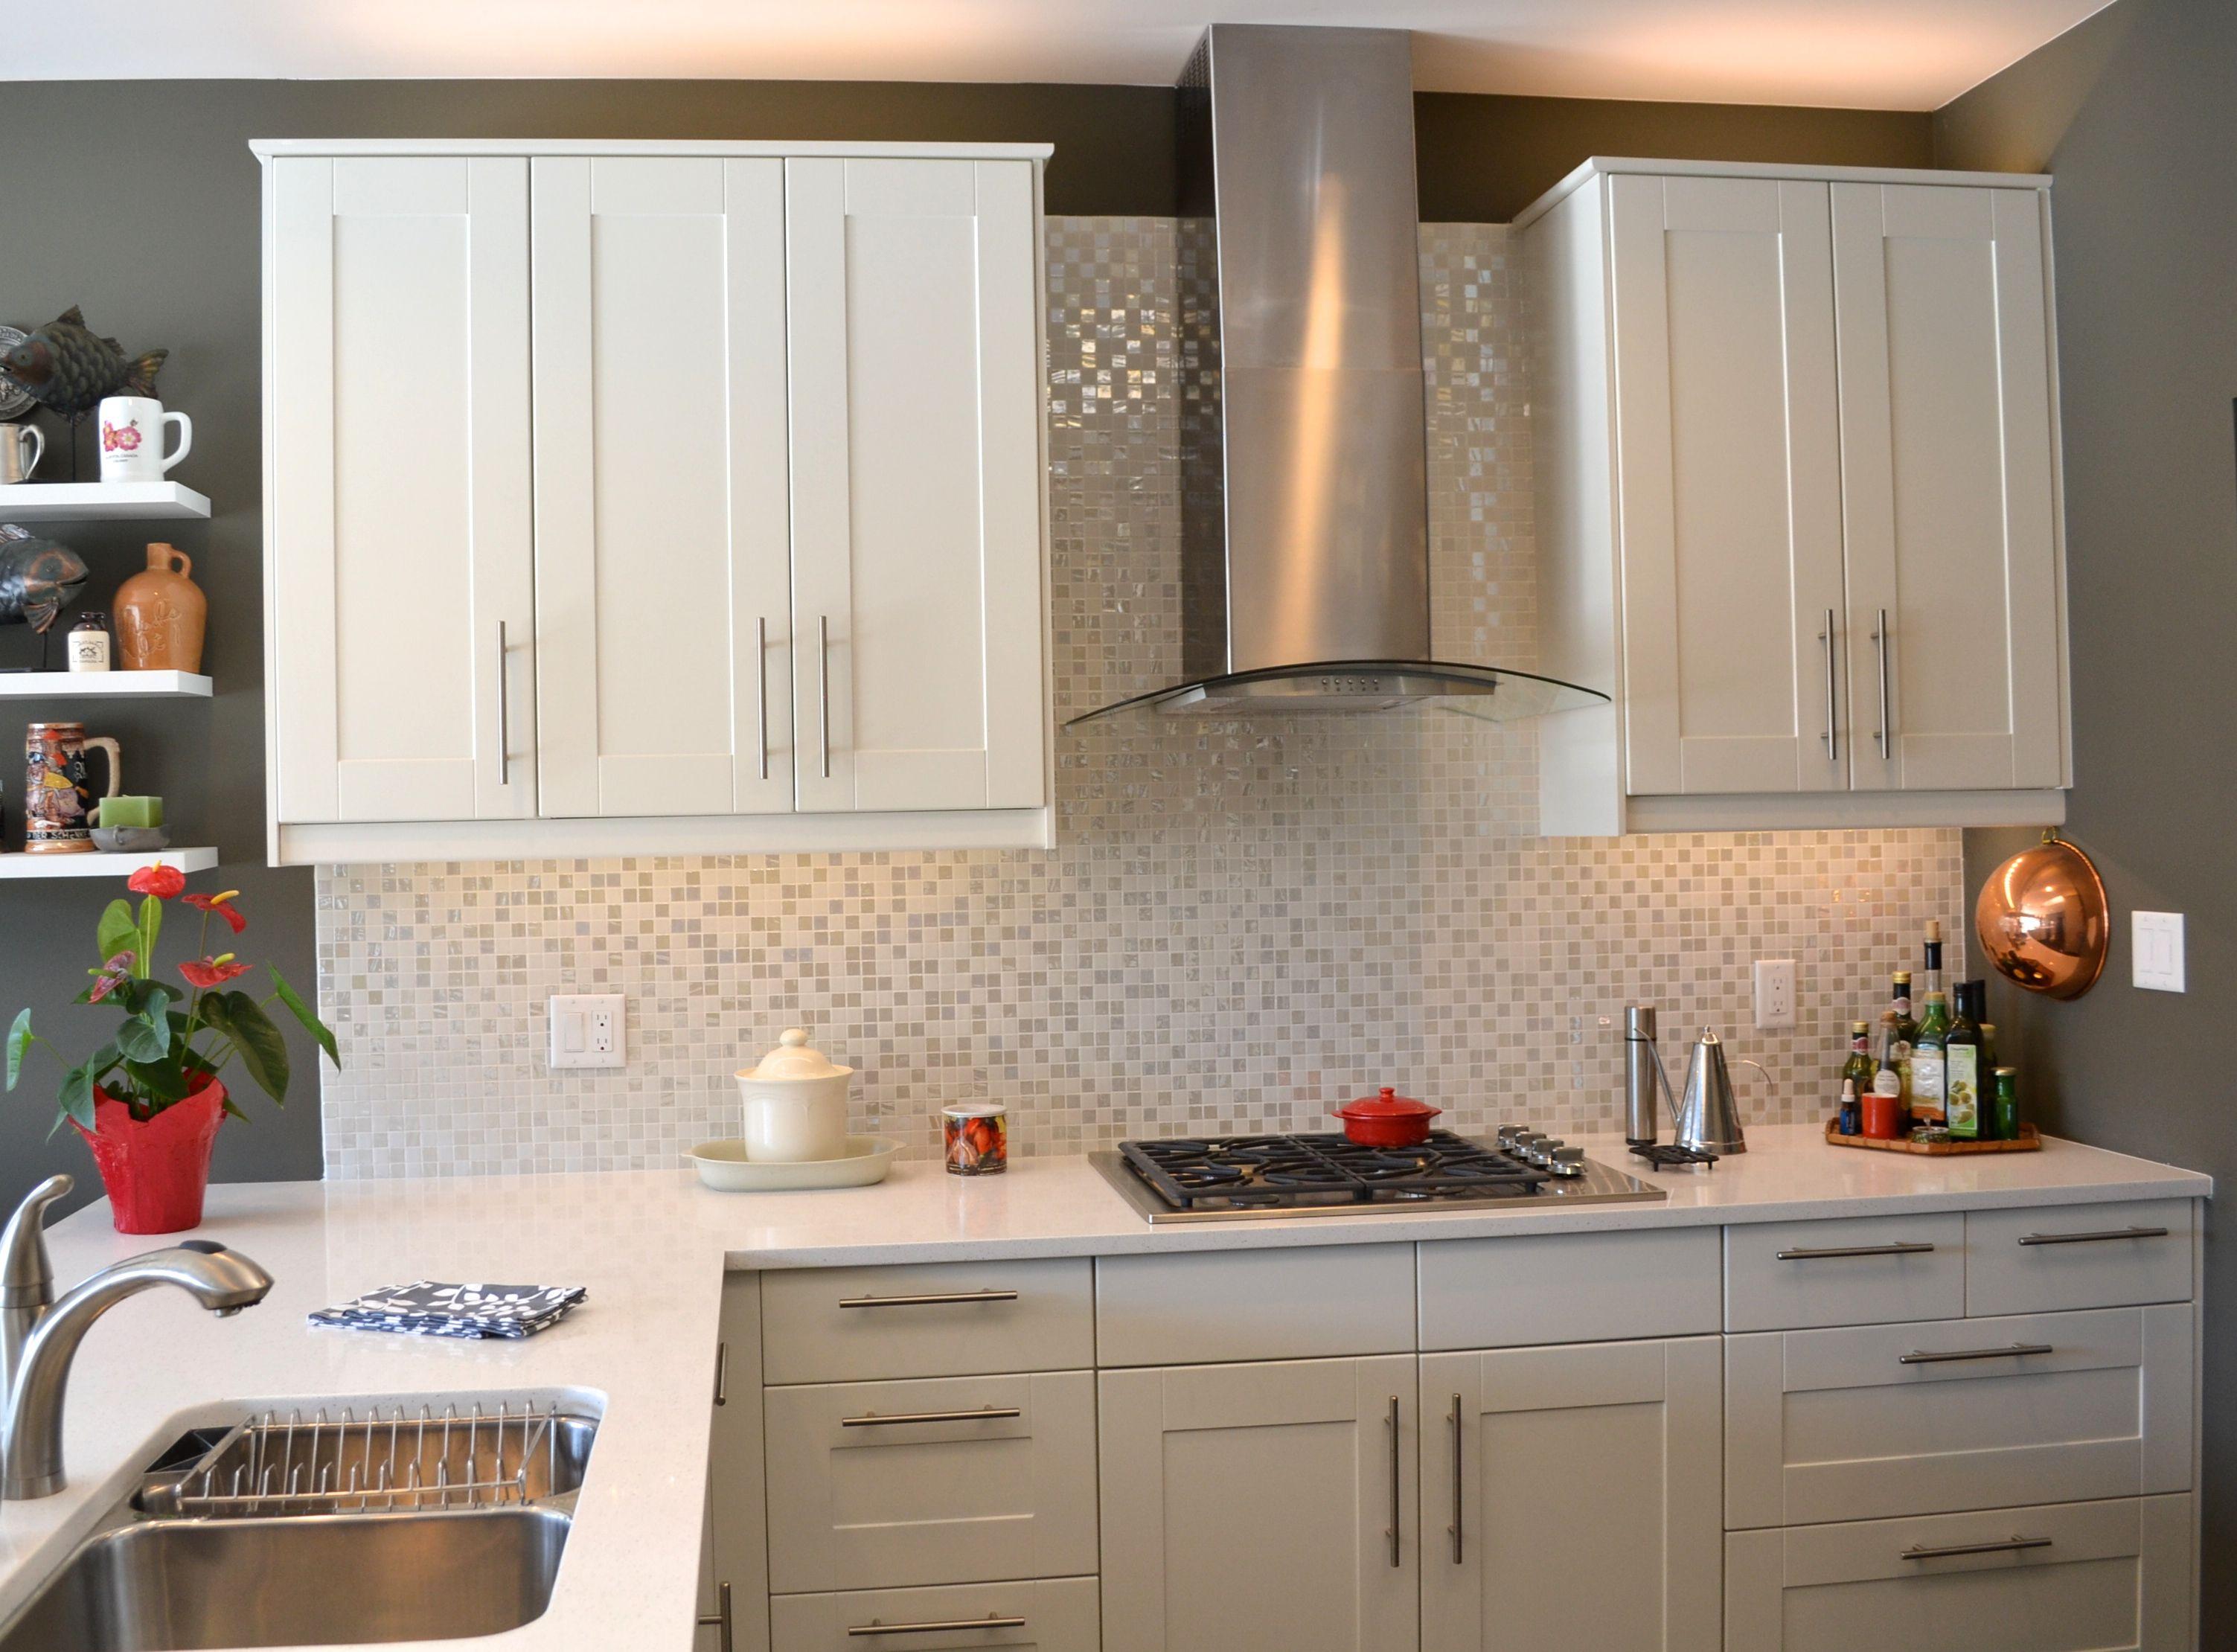 White ikea grimslov kitchen google search topfreezer counter